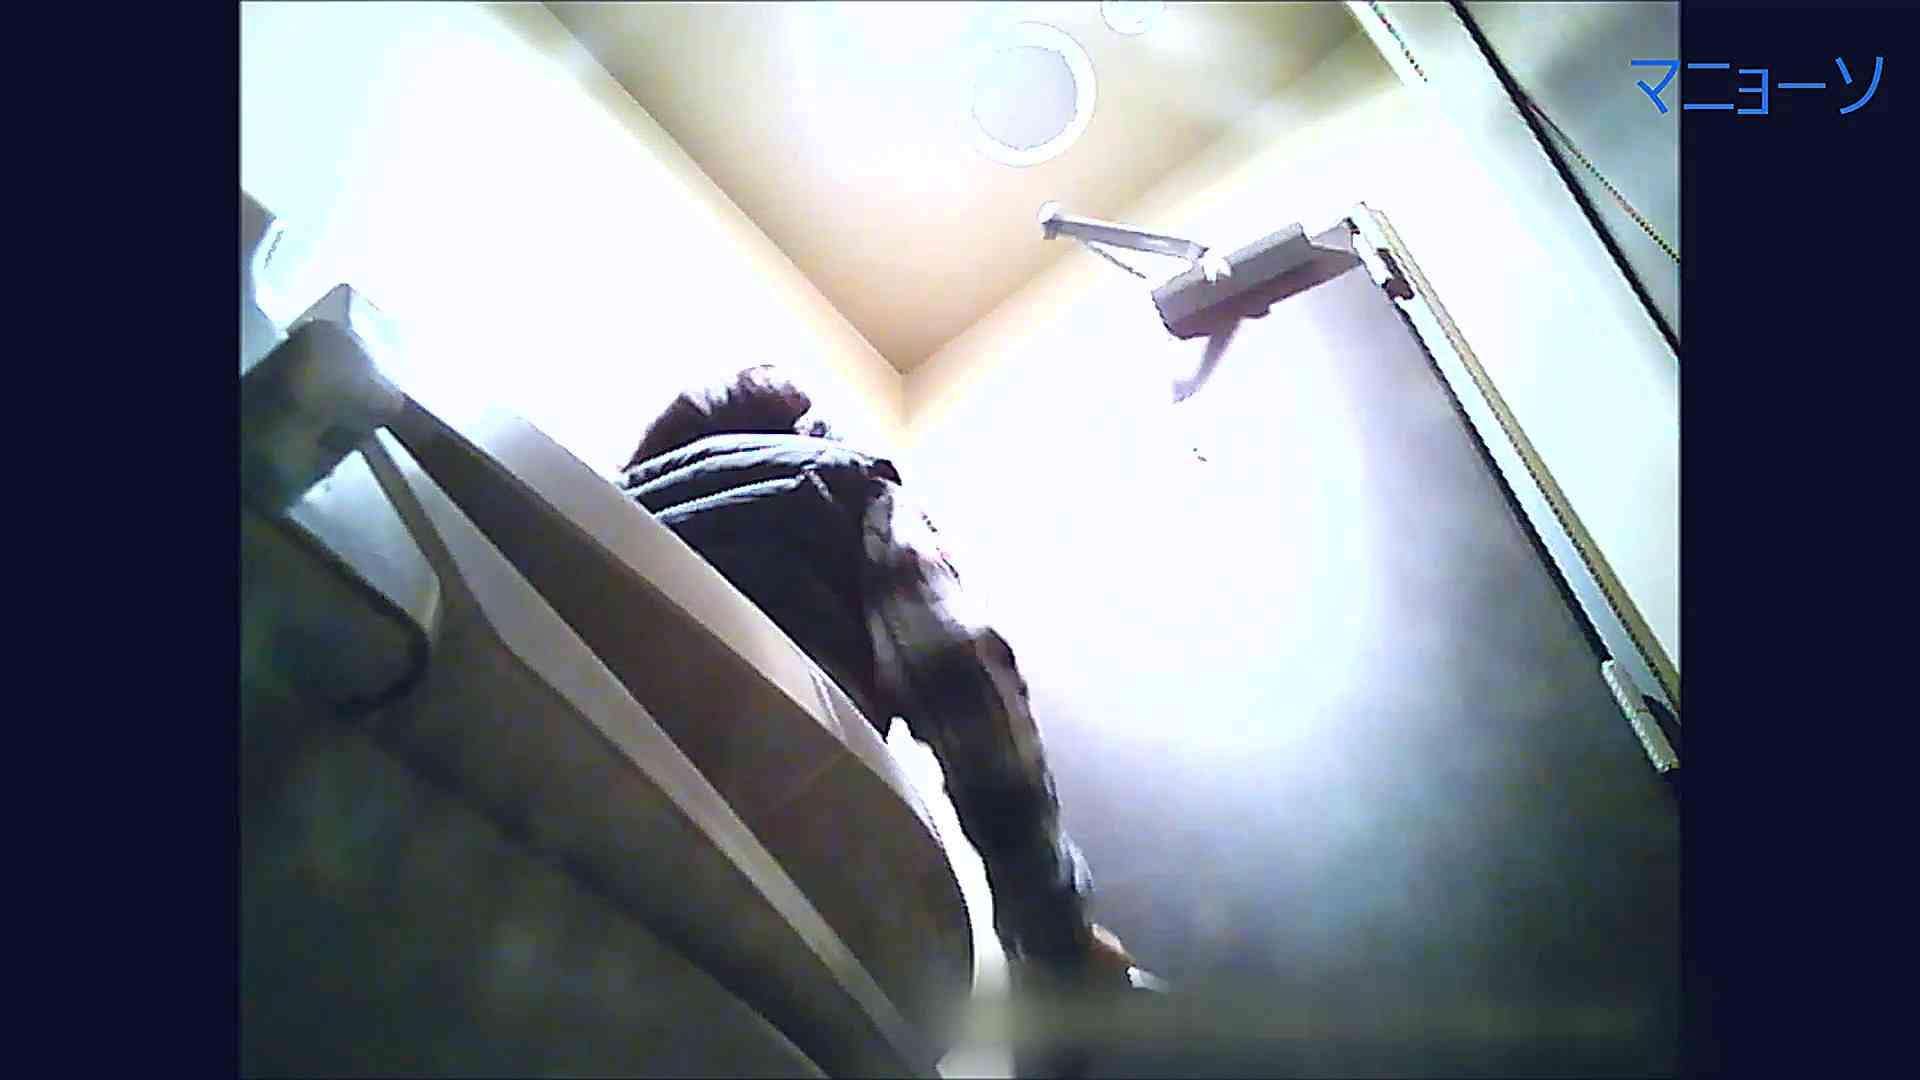 トイレでひと肌脱いでもらいました (JD編)Vol.03 トイレ盗撮 | 高画質  105枚 85